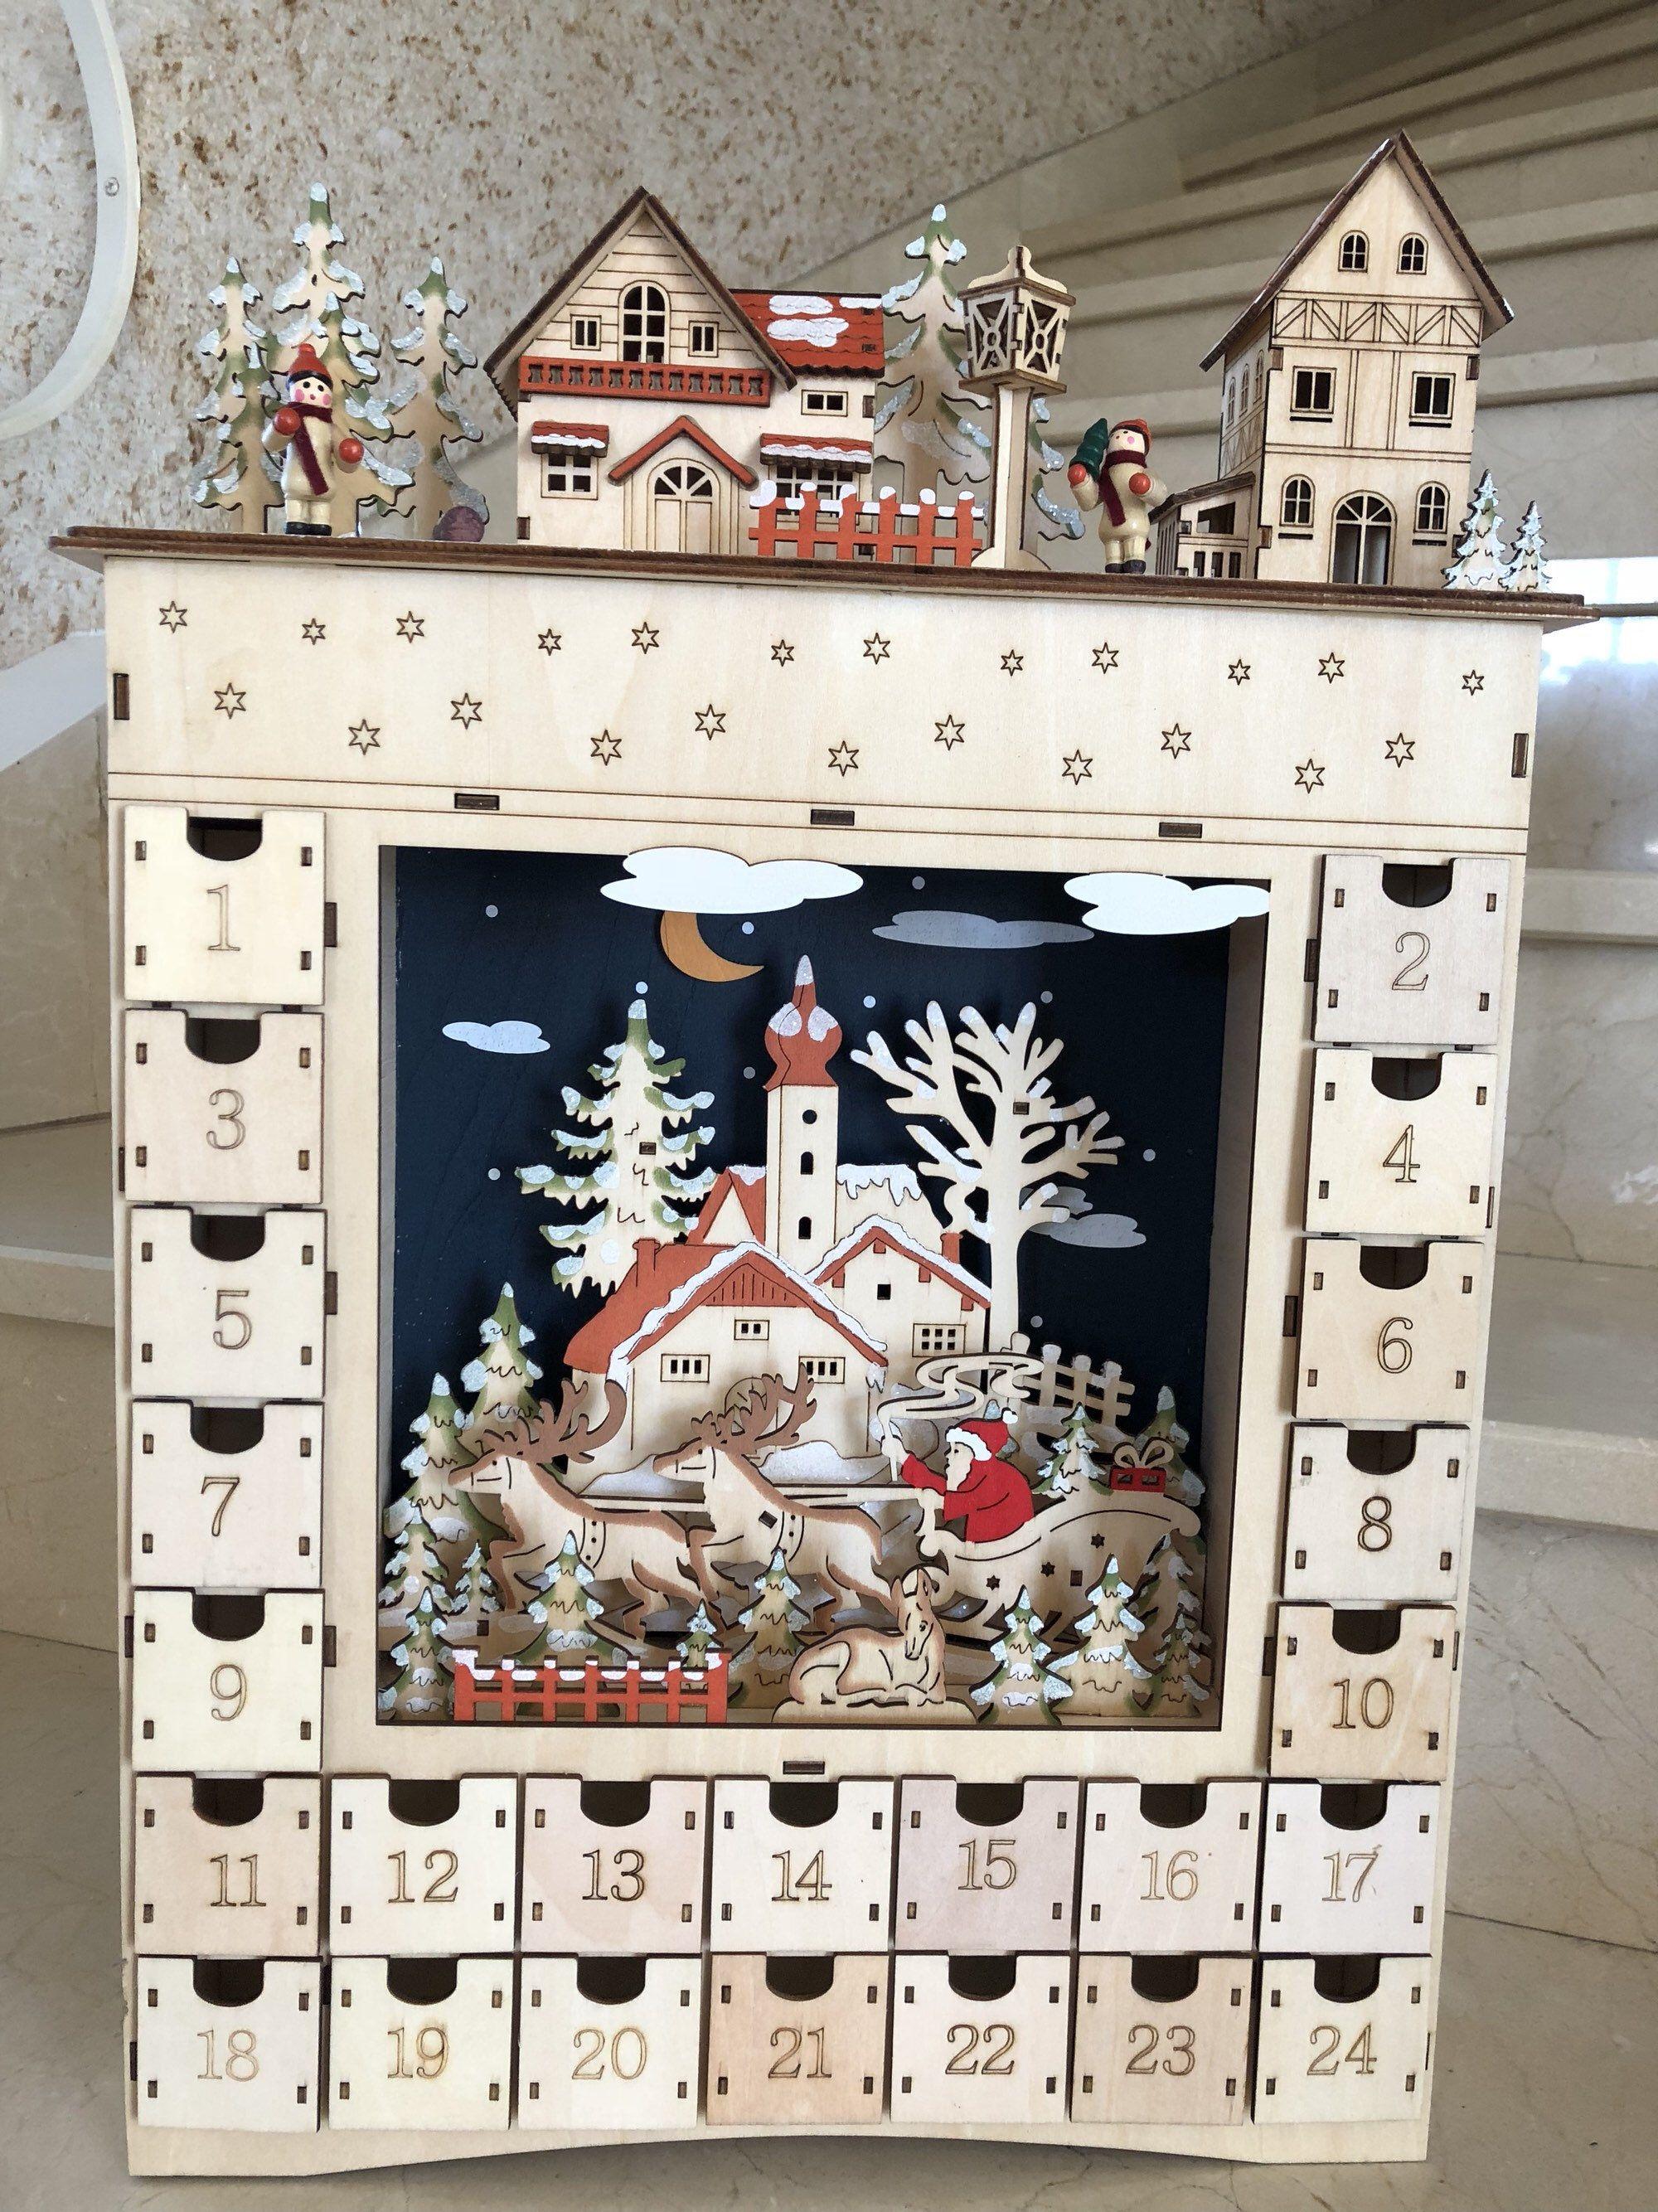 Calendrier de l'Avent Rêve hivernal, calendrier de l'Avent, calendrier, Noël, cadeau, Père Noël, fait main, décoration, enfant #decorationnoelfaitmainenfant